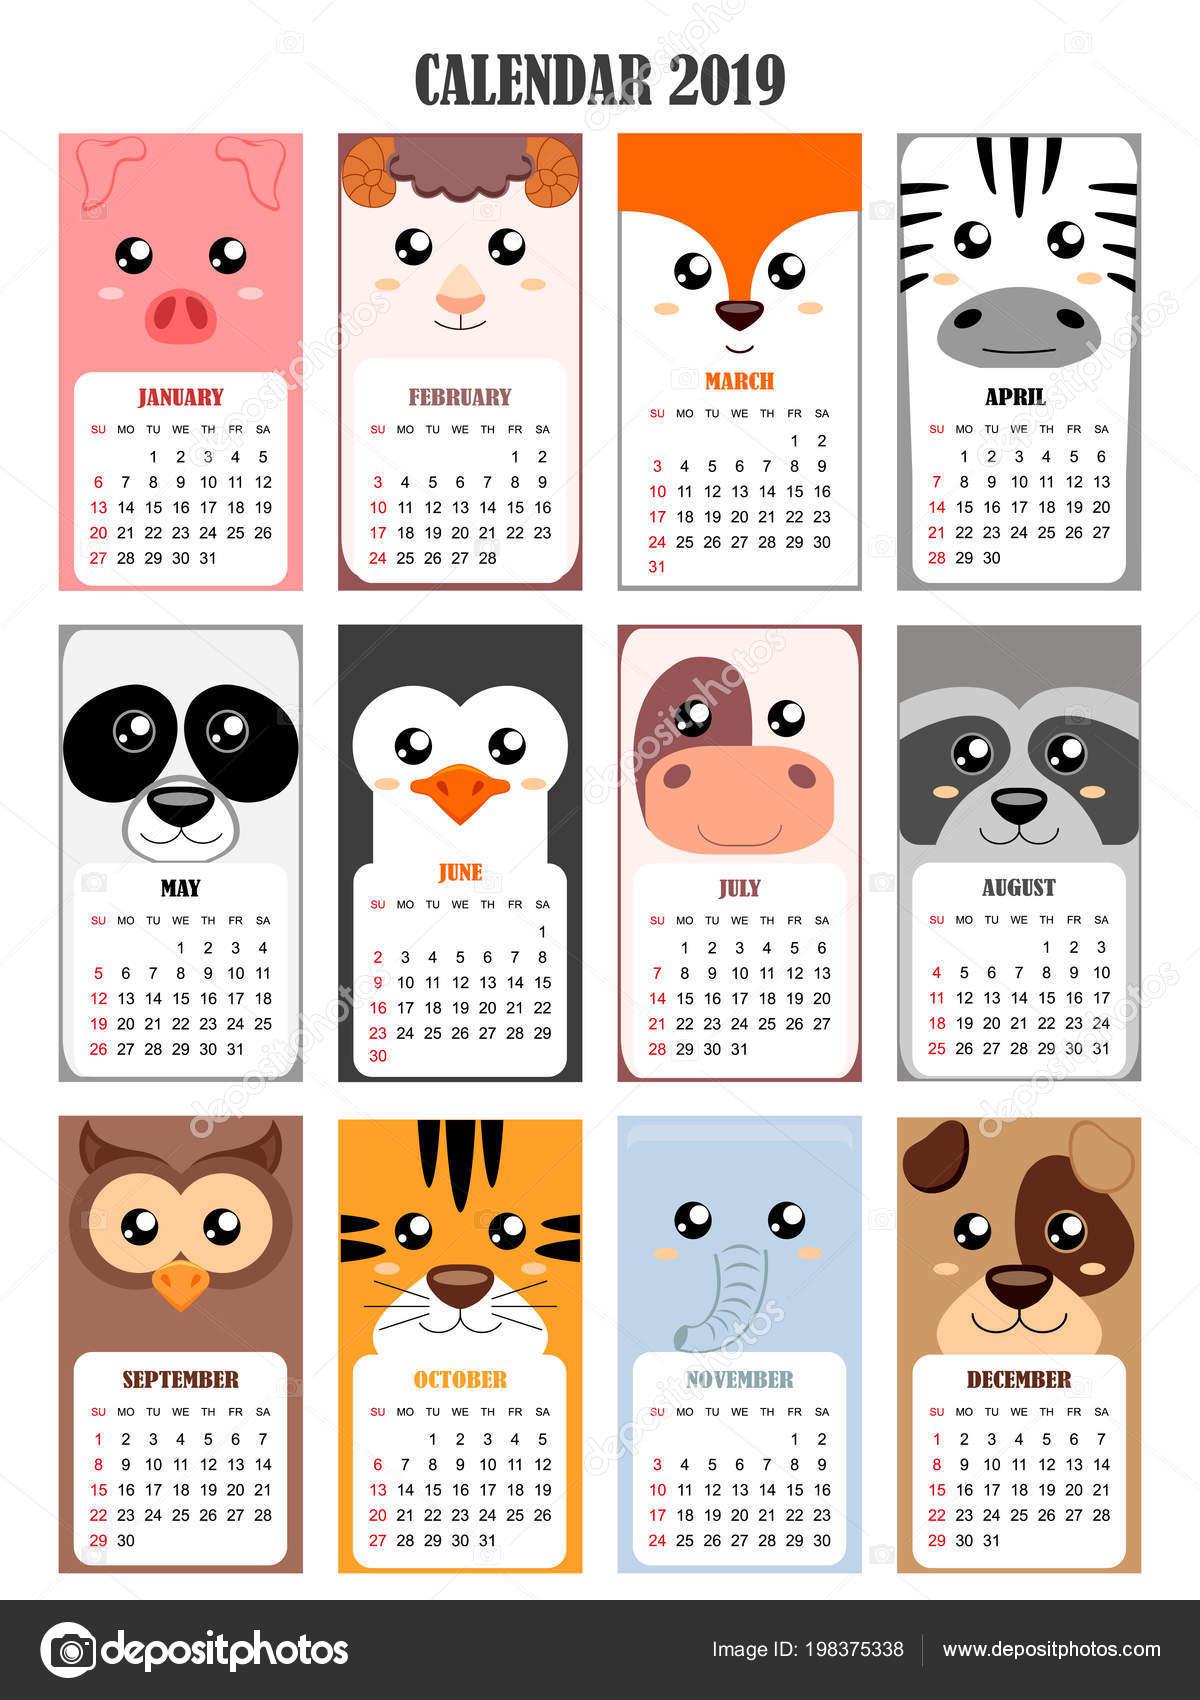 Calendario Tiger 2019.Calendar 2019 Pig Sheep Fox Zebra Panda Penguin Cow Raccoon